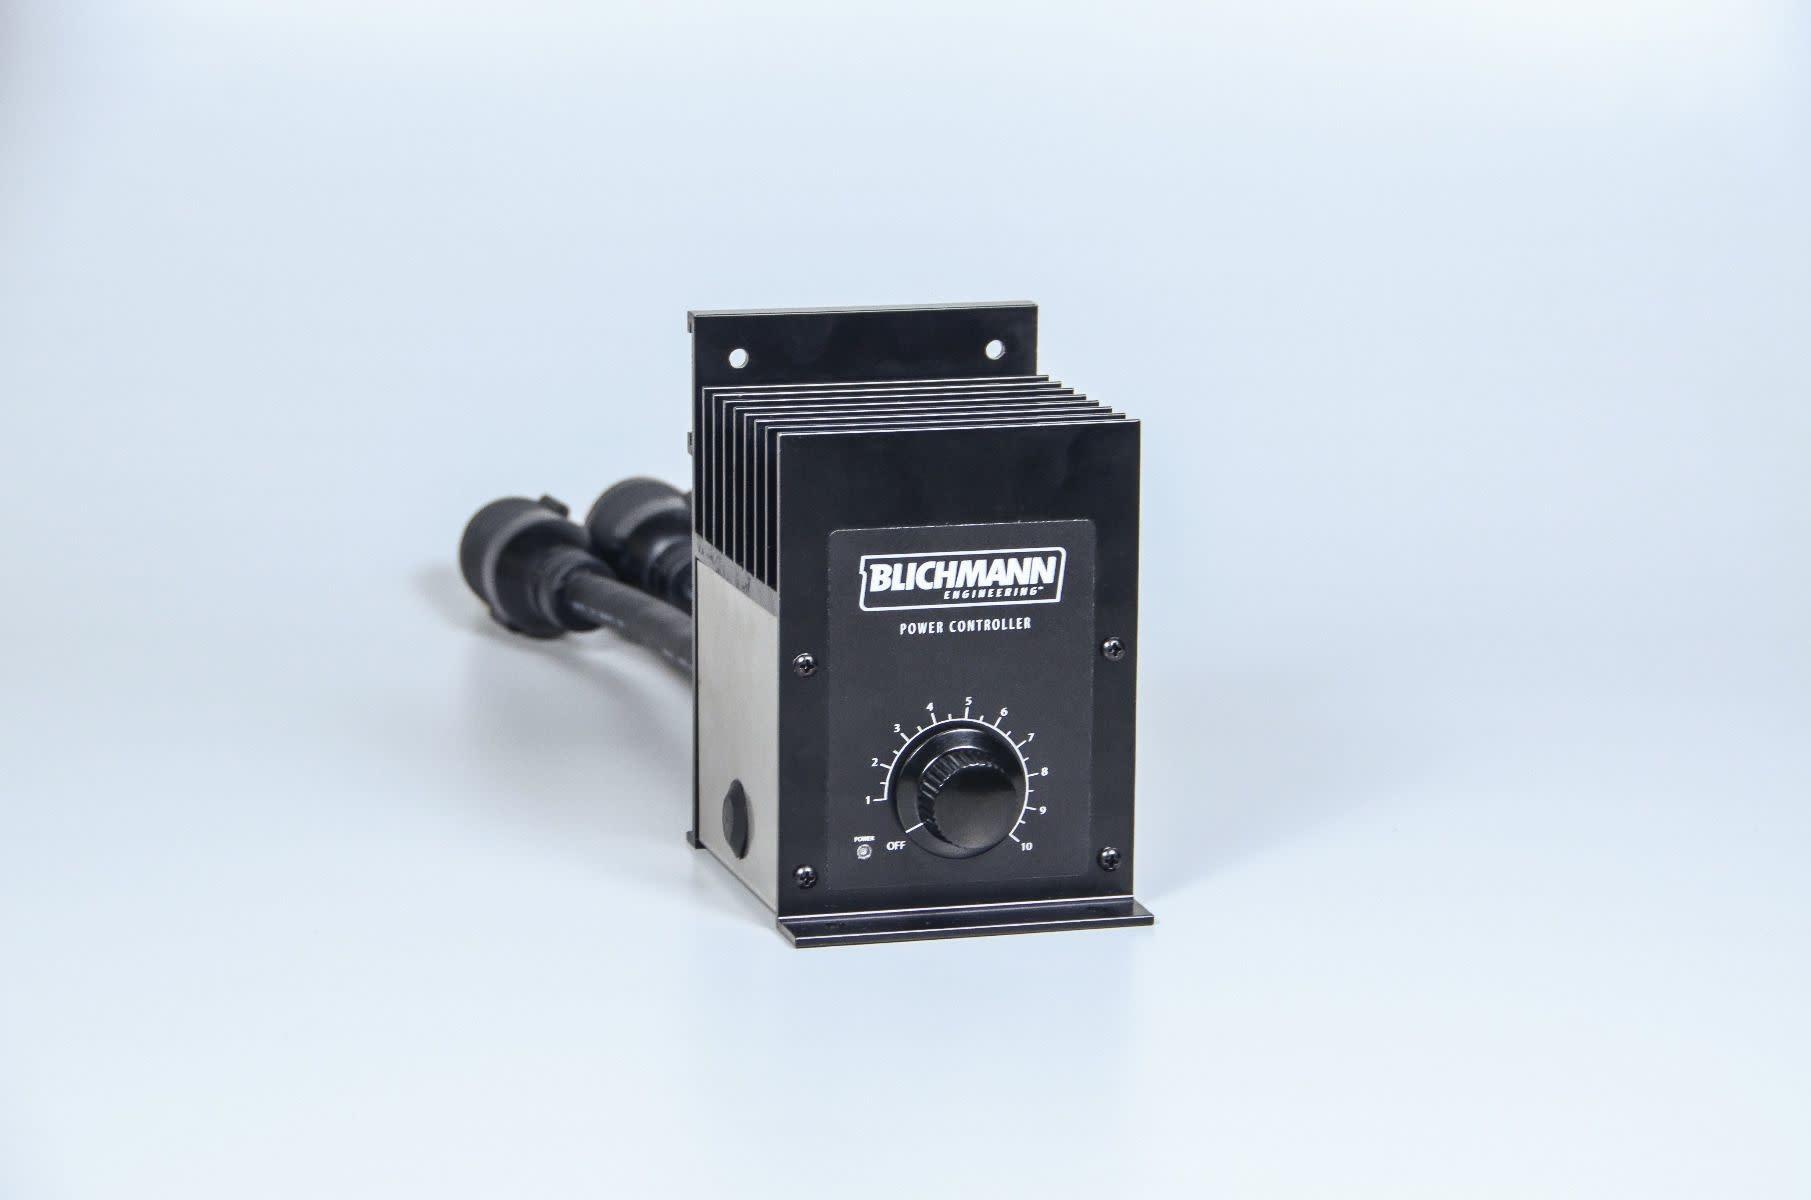 Blichmann Blichmann Power Controller (240V)